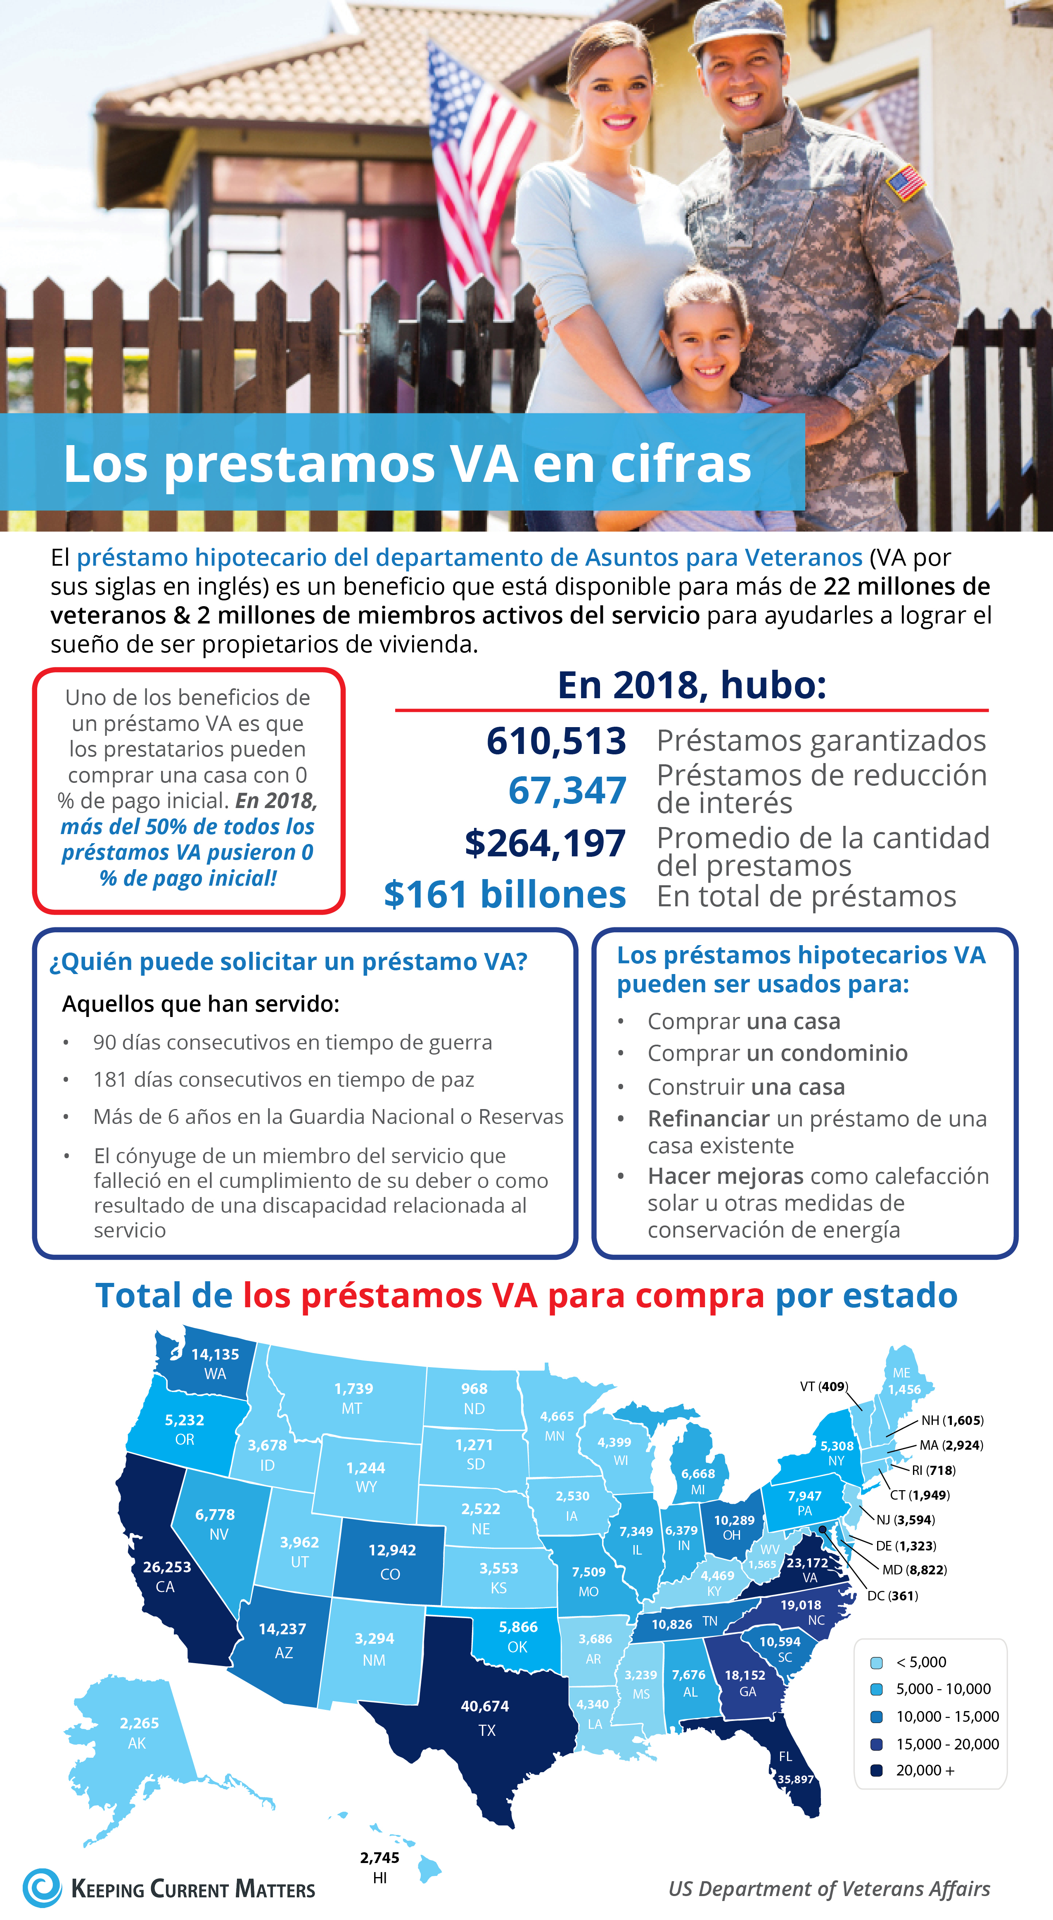 Los préstamos hipotecarios VA en cifras [infografía] | Keeping Current Matters